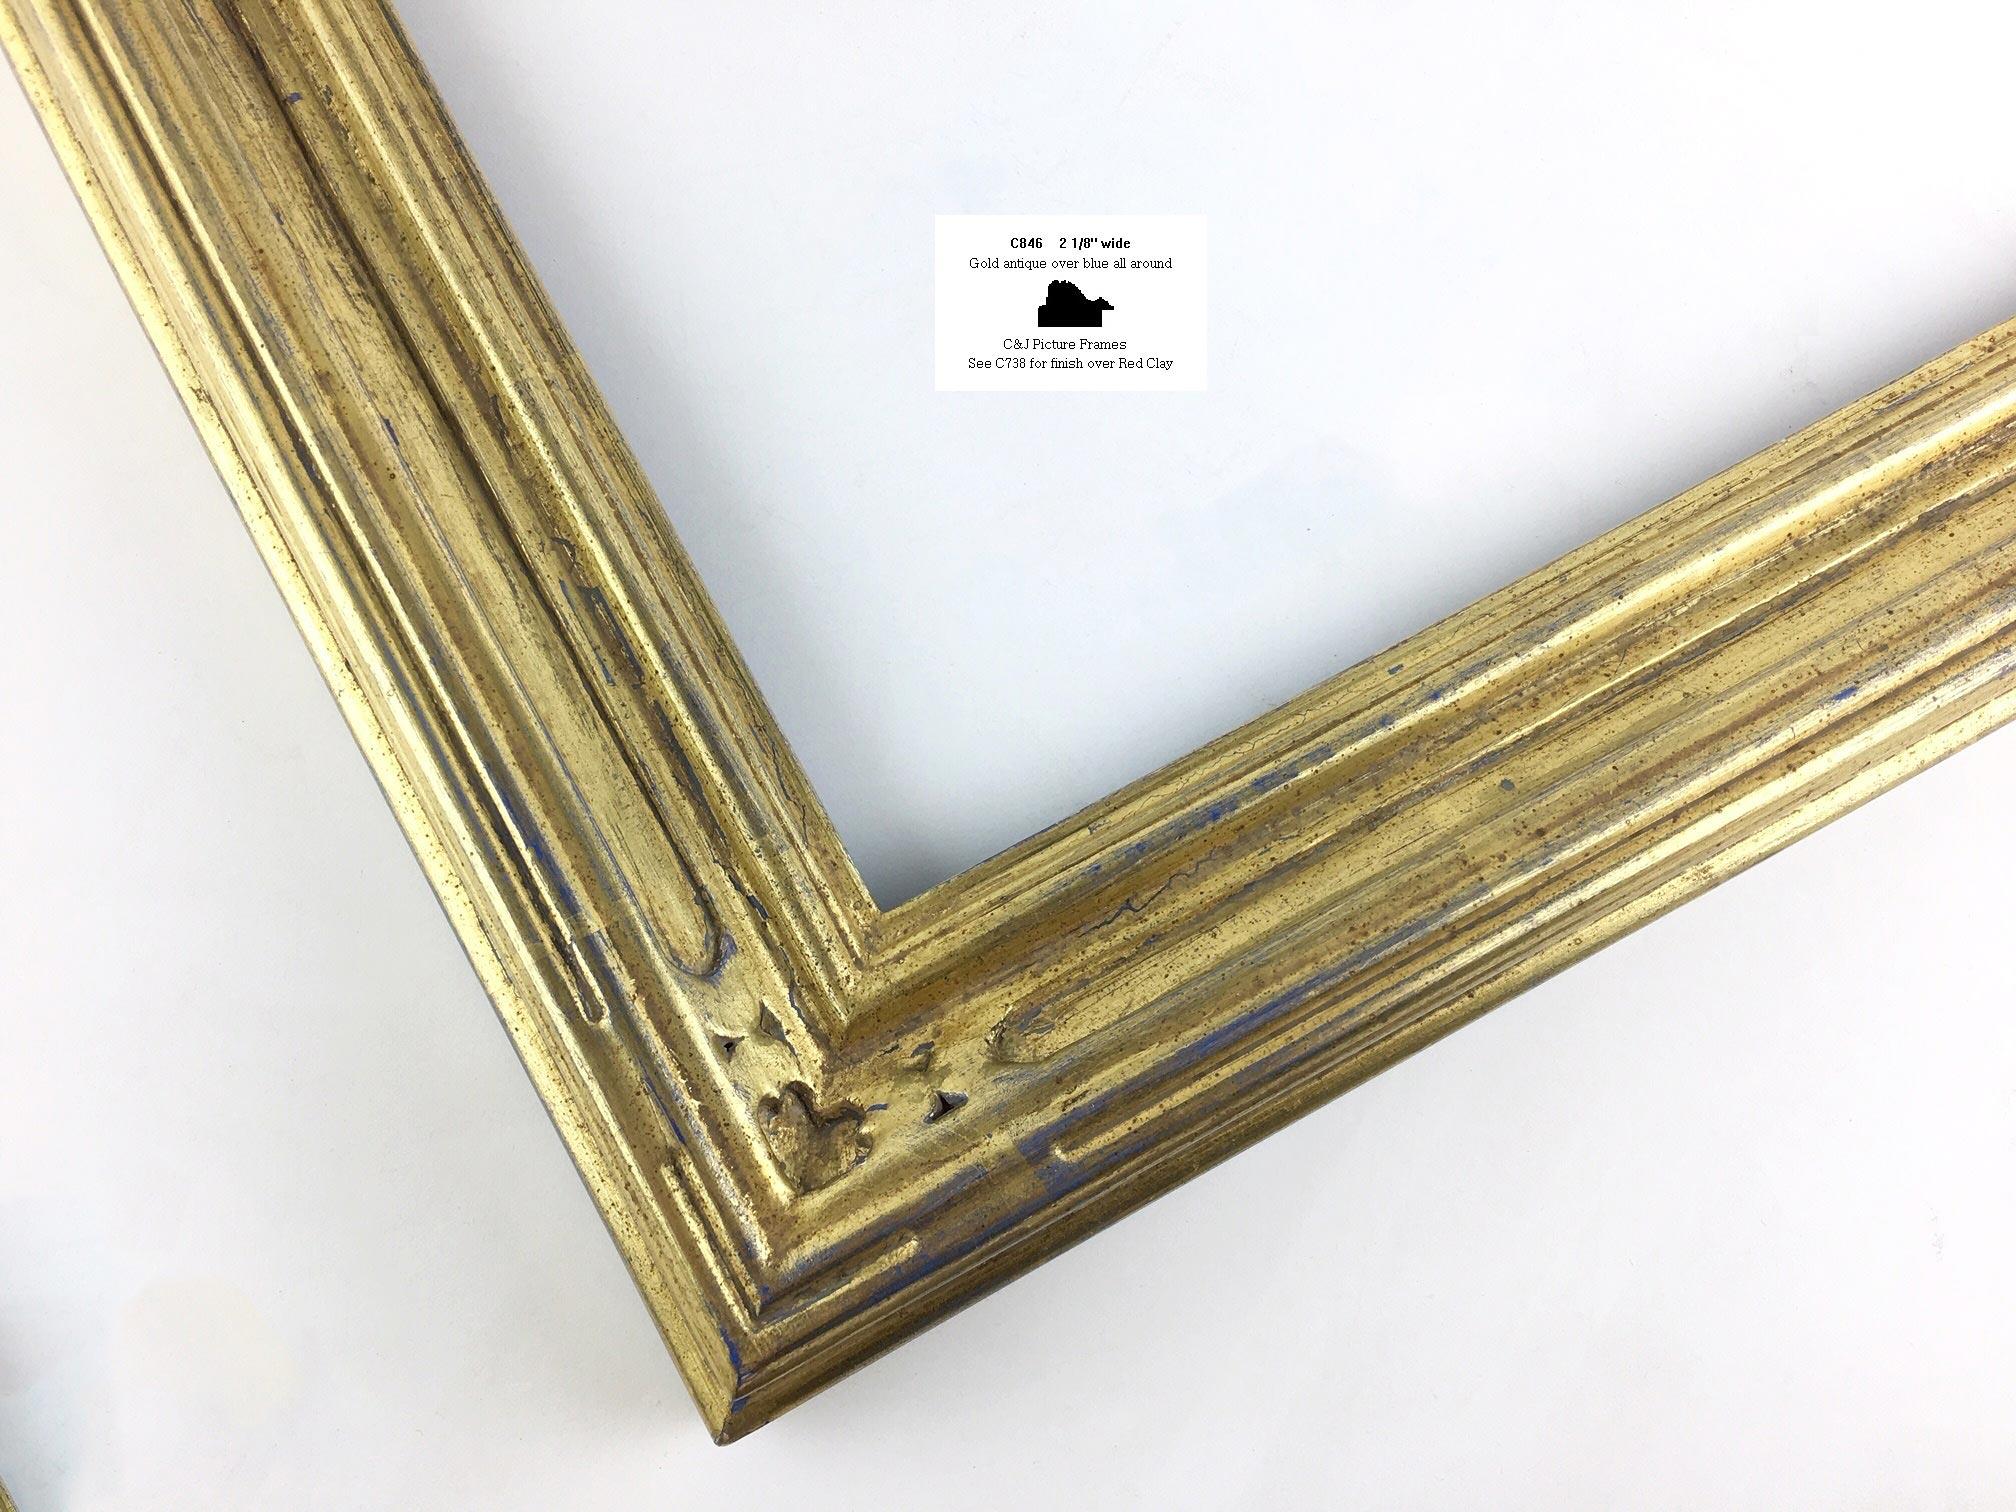 AMCI Regence - C & J Frames: C846